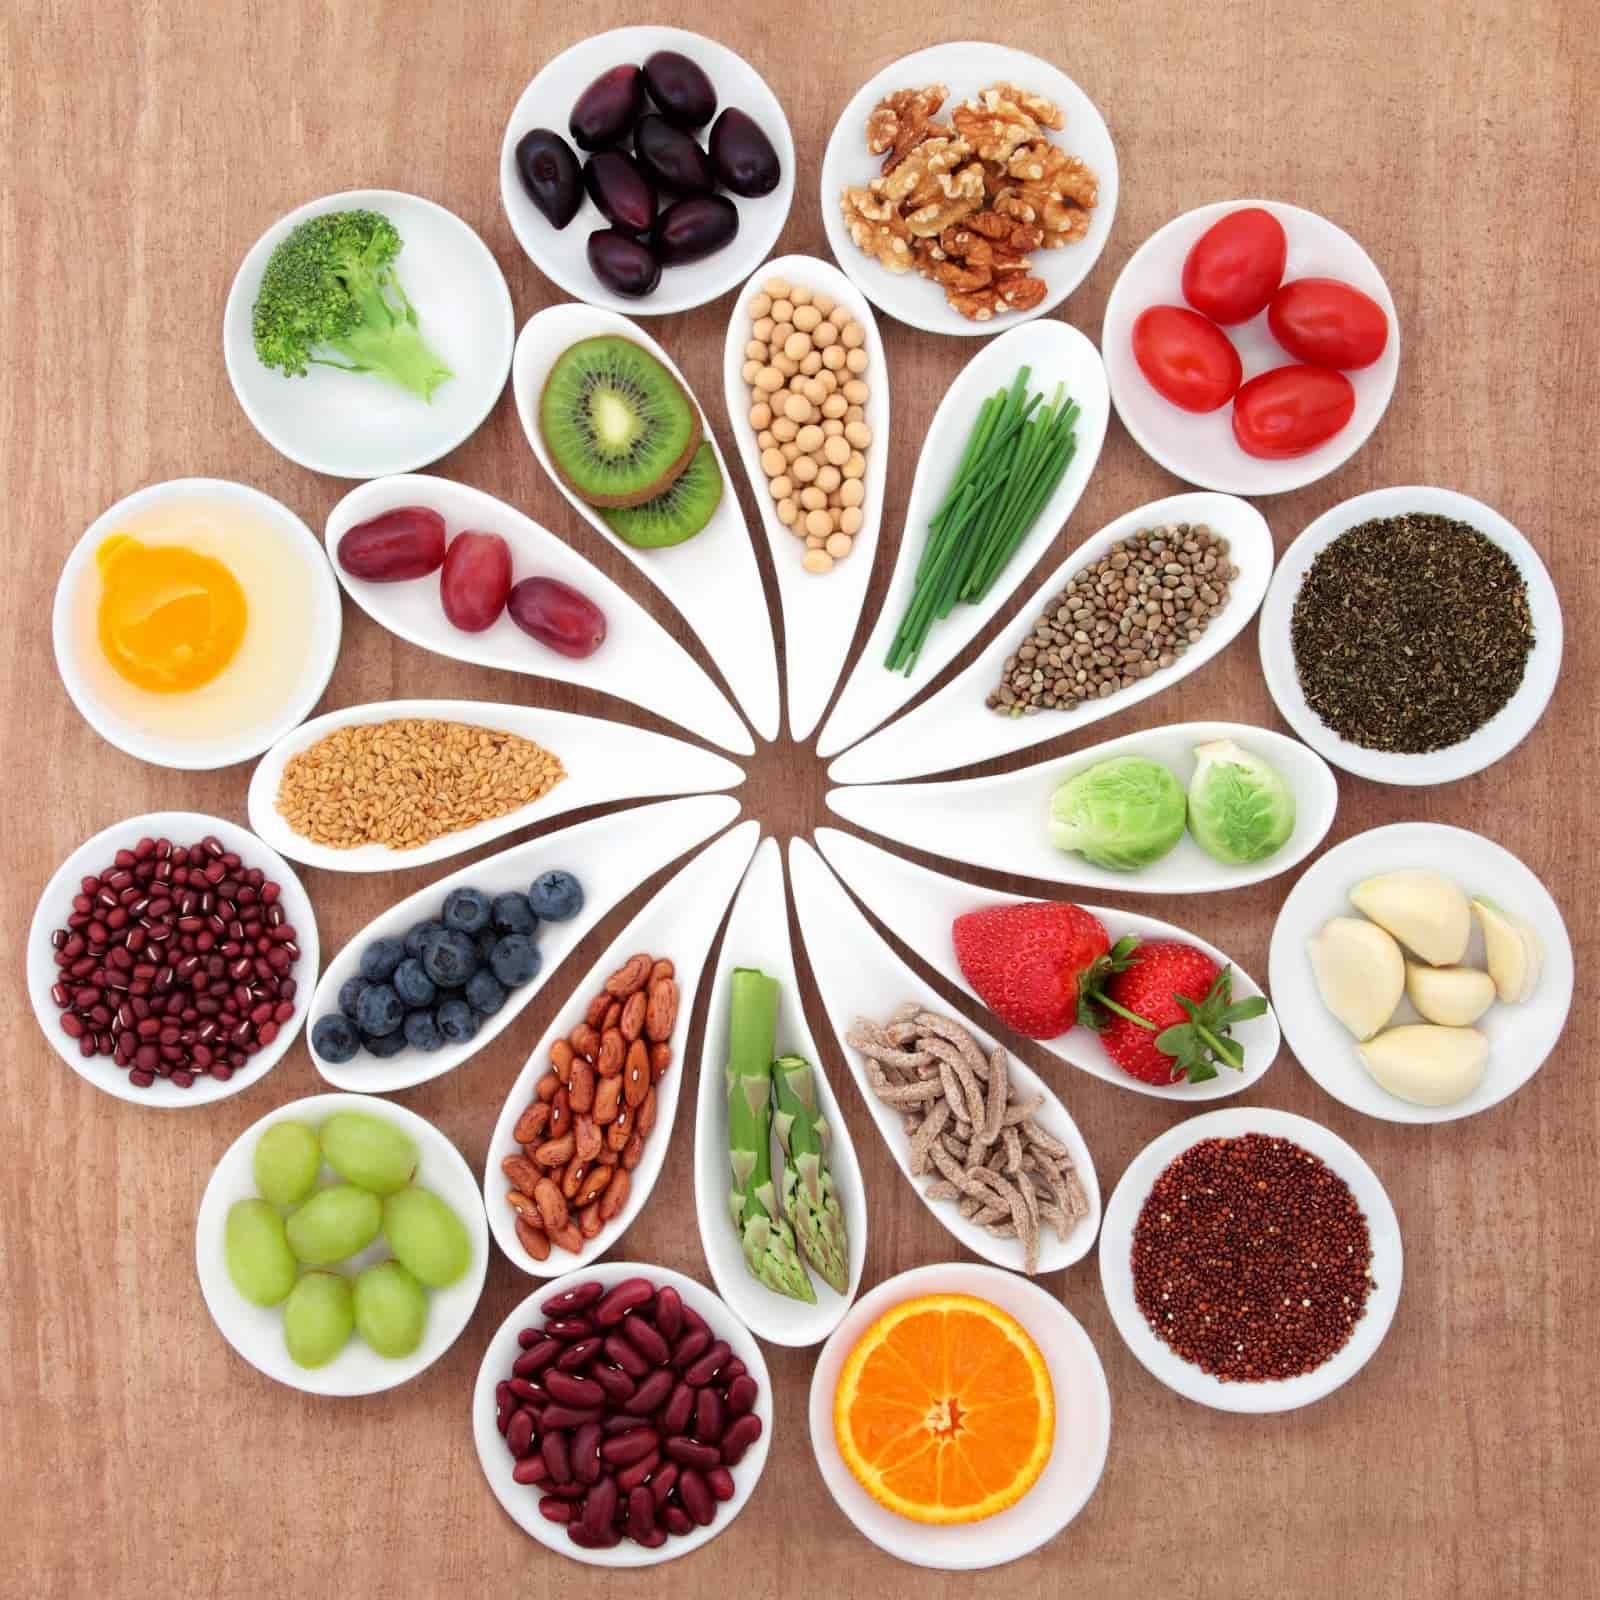 сироїдіння як система харчування